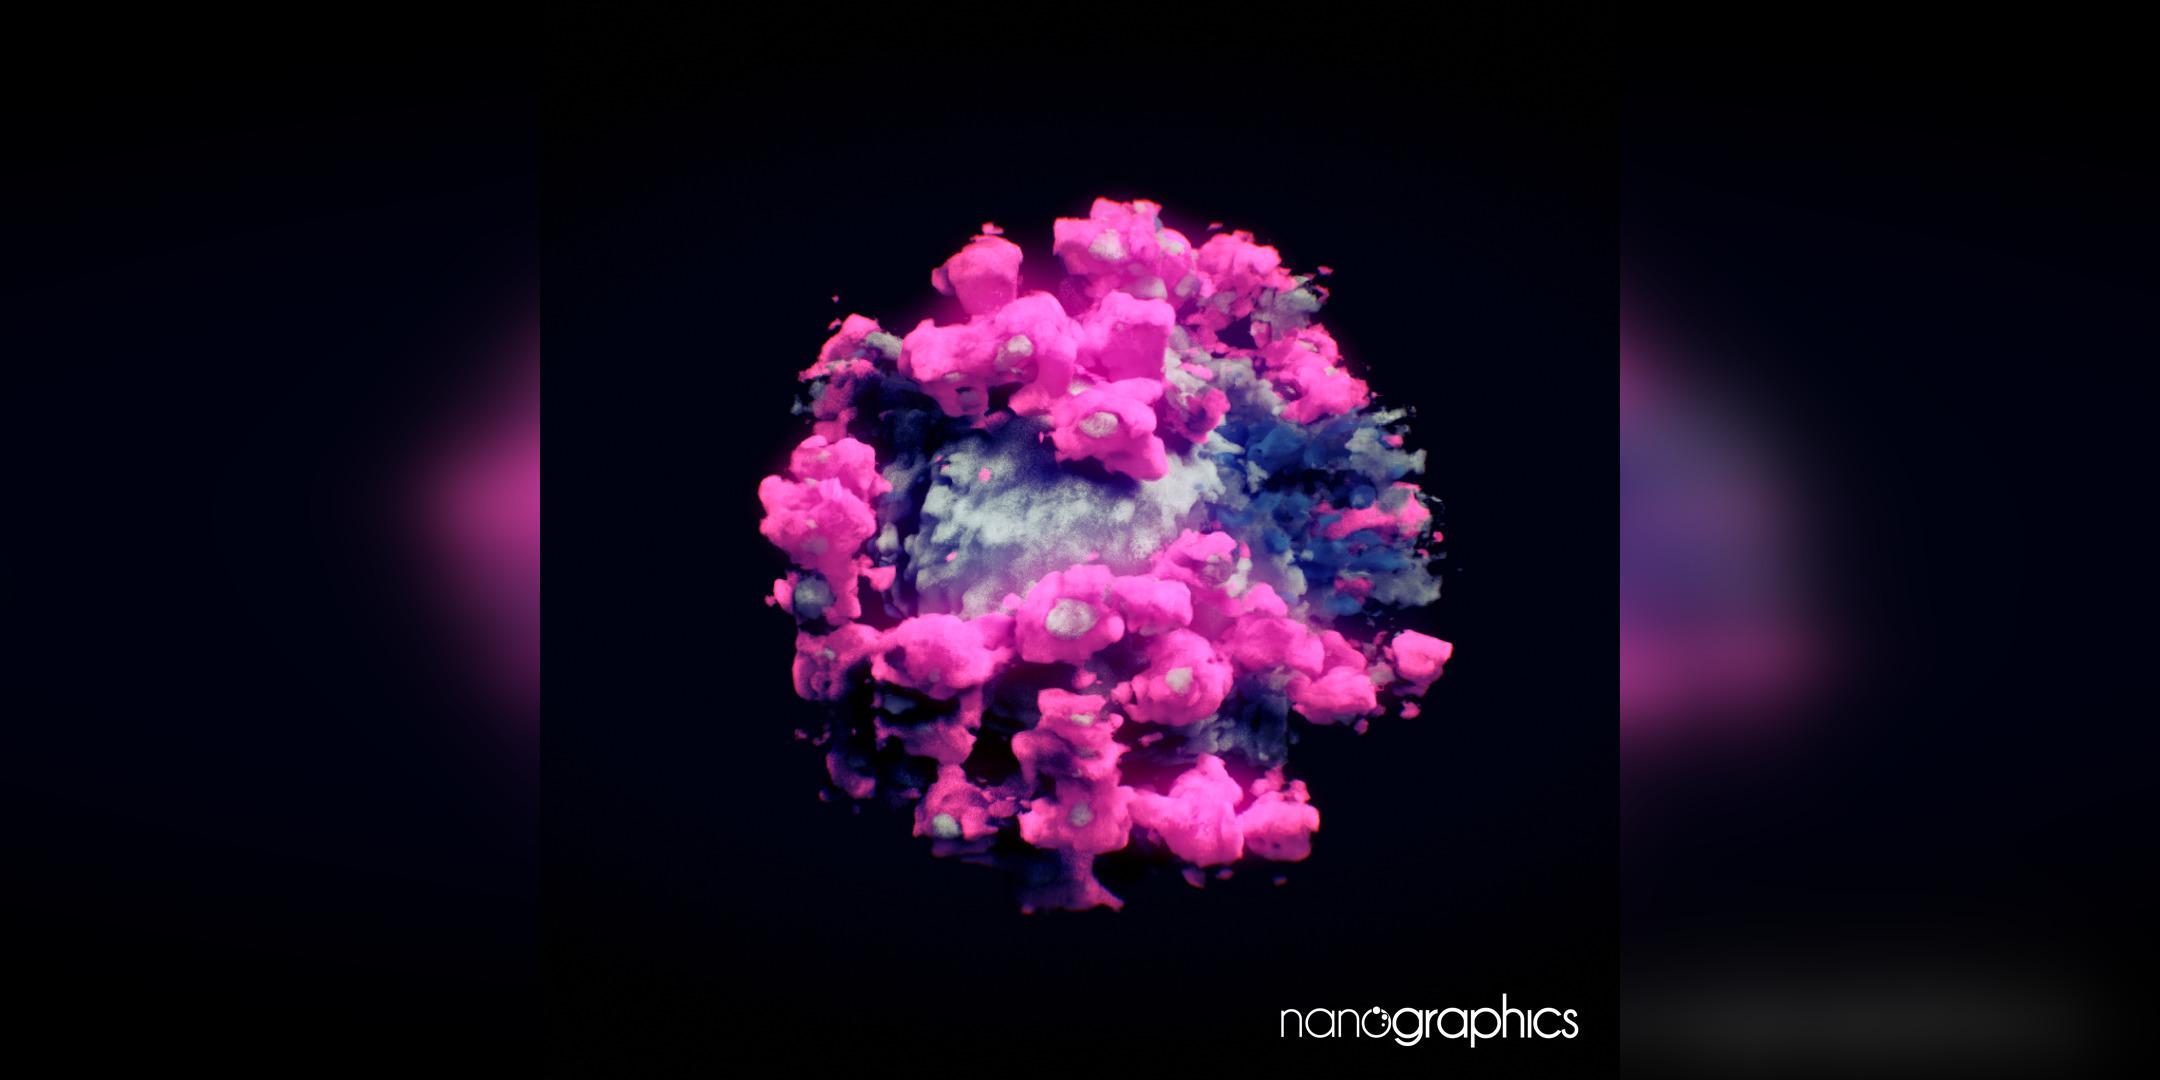 El coronavirus retratat per Nanographics